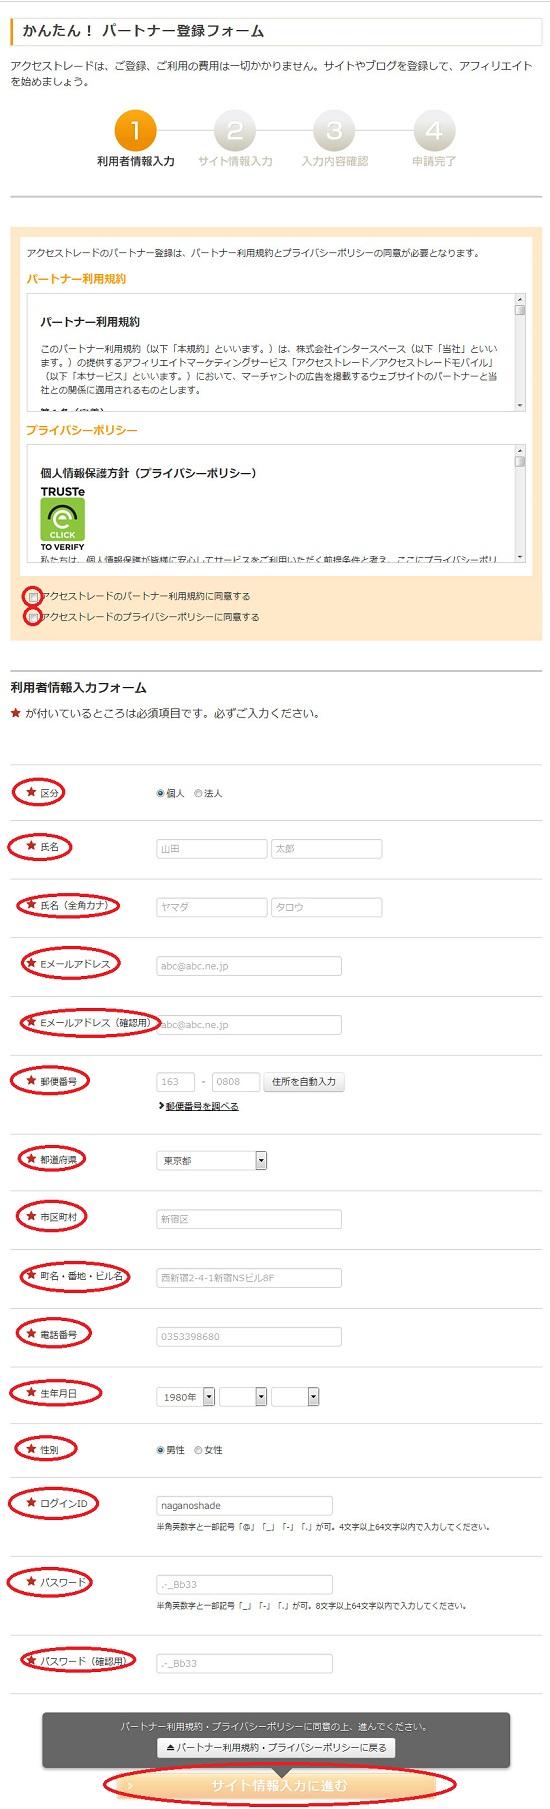 アクセストレード(ACCESSTRADE) 新規無料登録